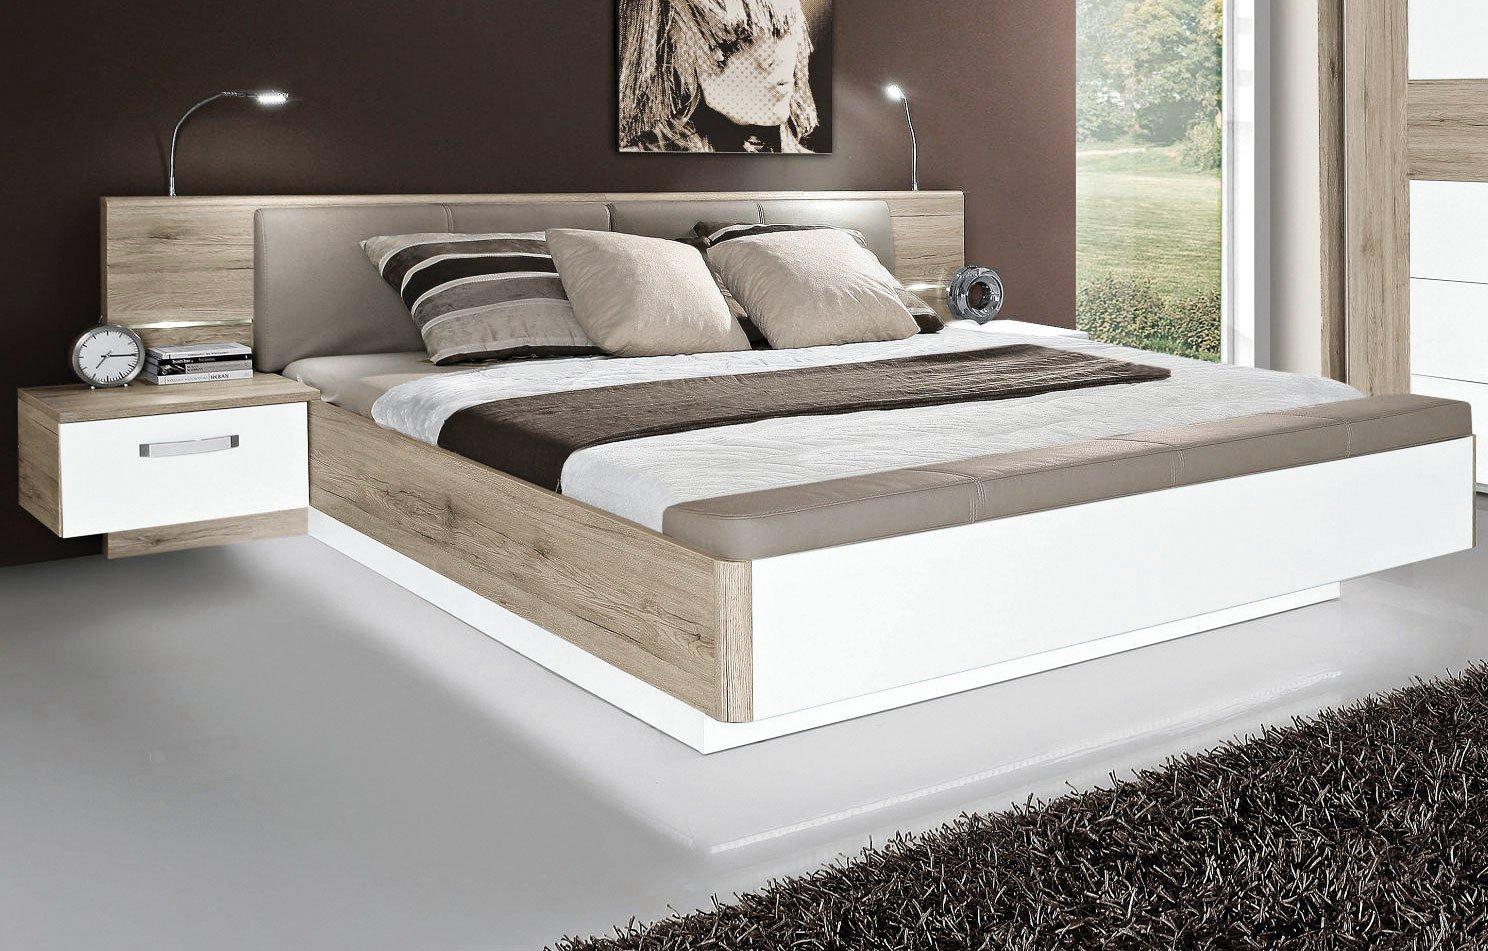 bett rondino von forte beton optik hochglanz wei. Black Bedroom Furniture Sets. Home Design Ideas